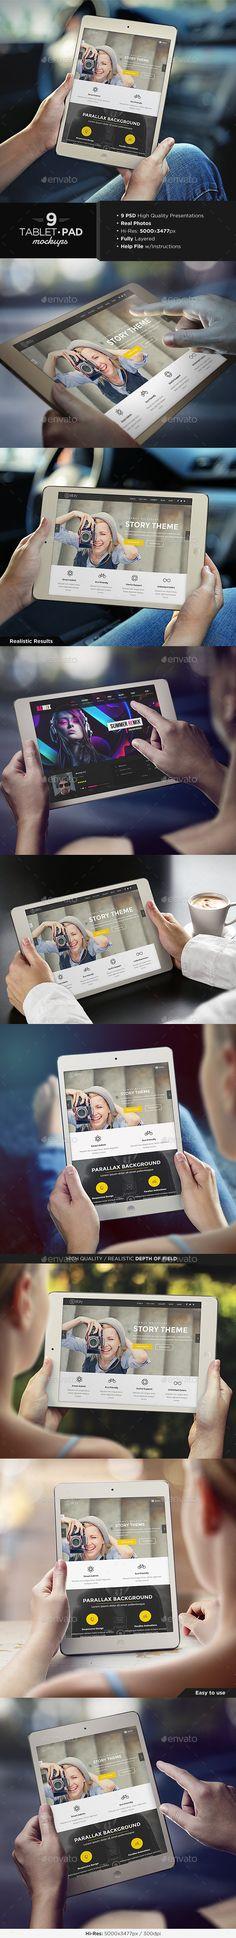 Tablet / iPad Mock-Up Set | #tabletmockup #ipadmockup | Download: http://graphicriver.net/item/tablet-pad-mockup-set/8899931?ref=ksioks